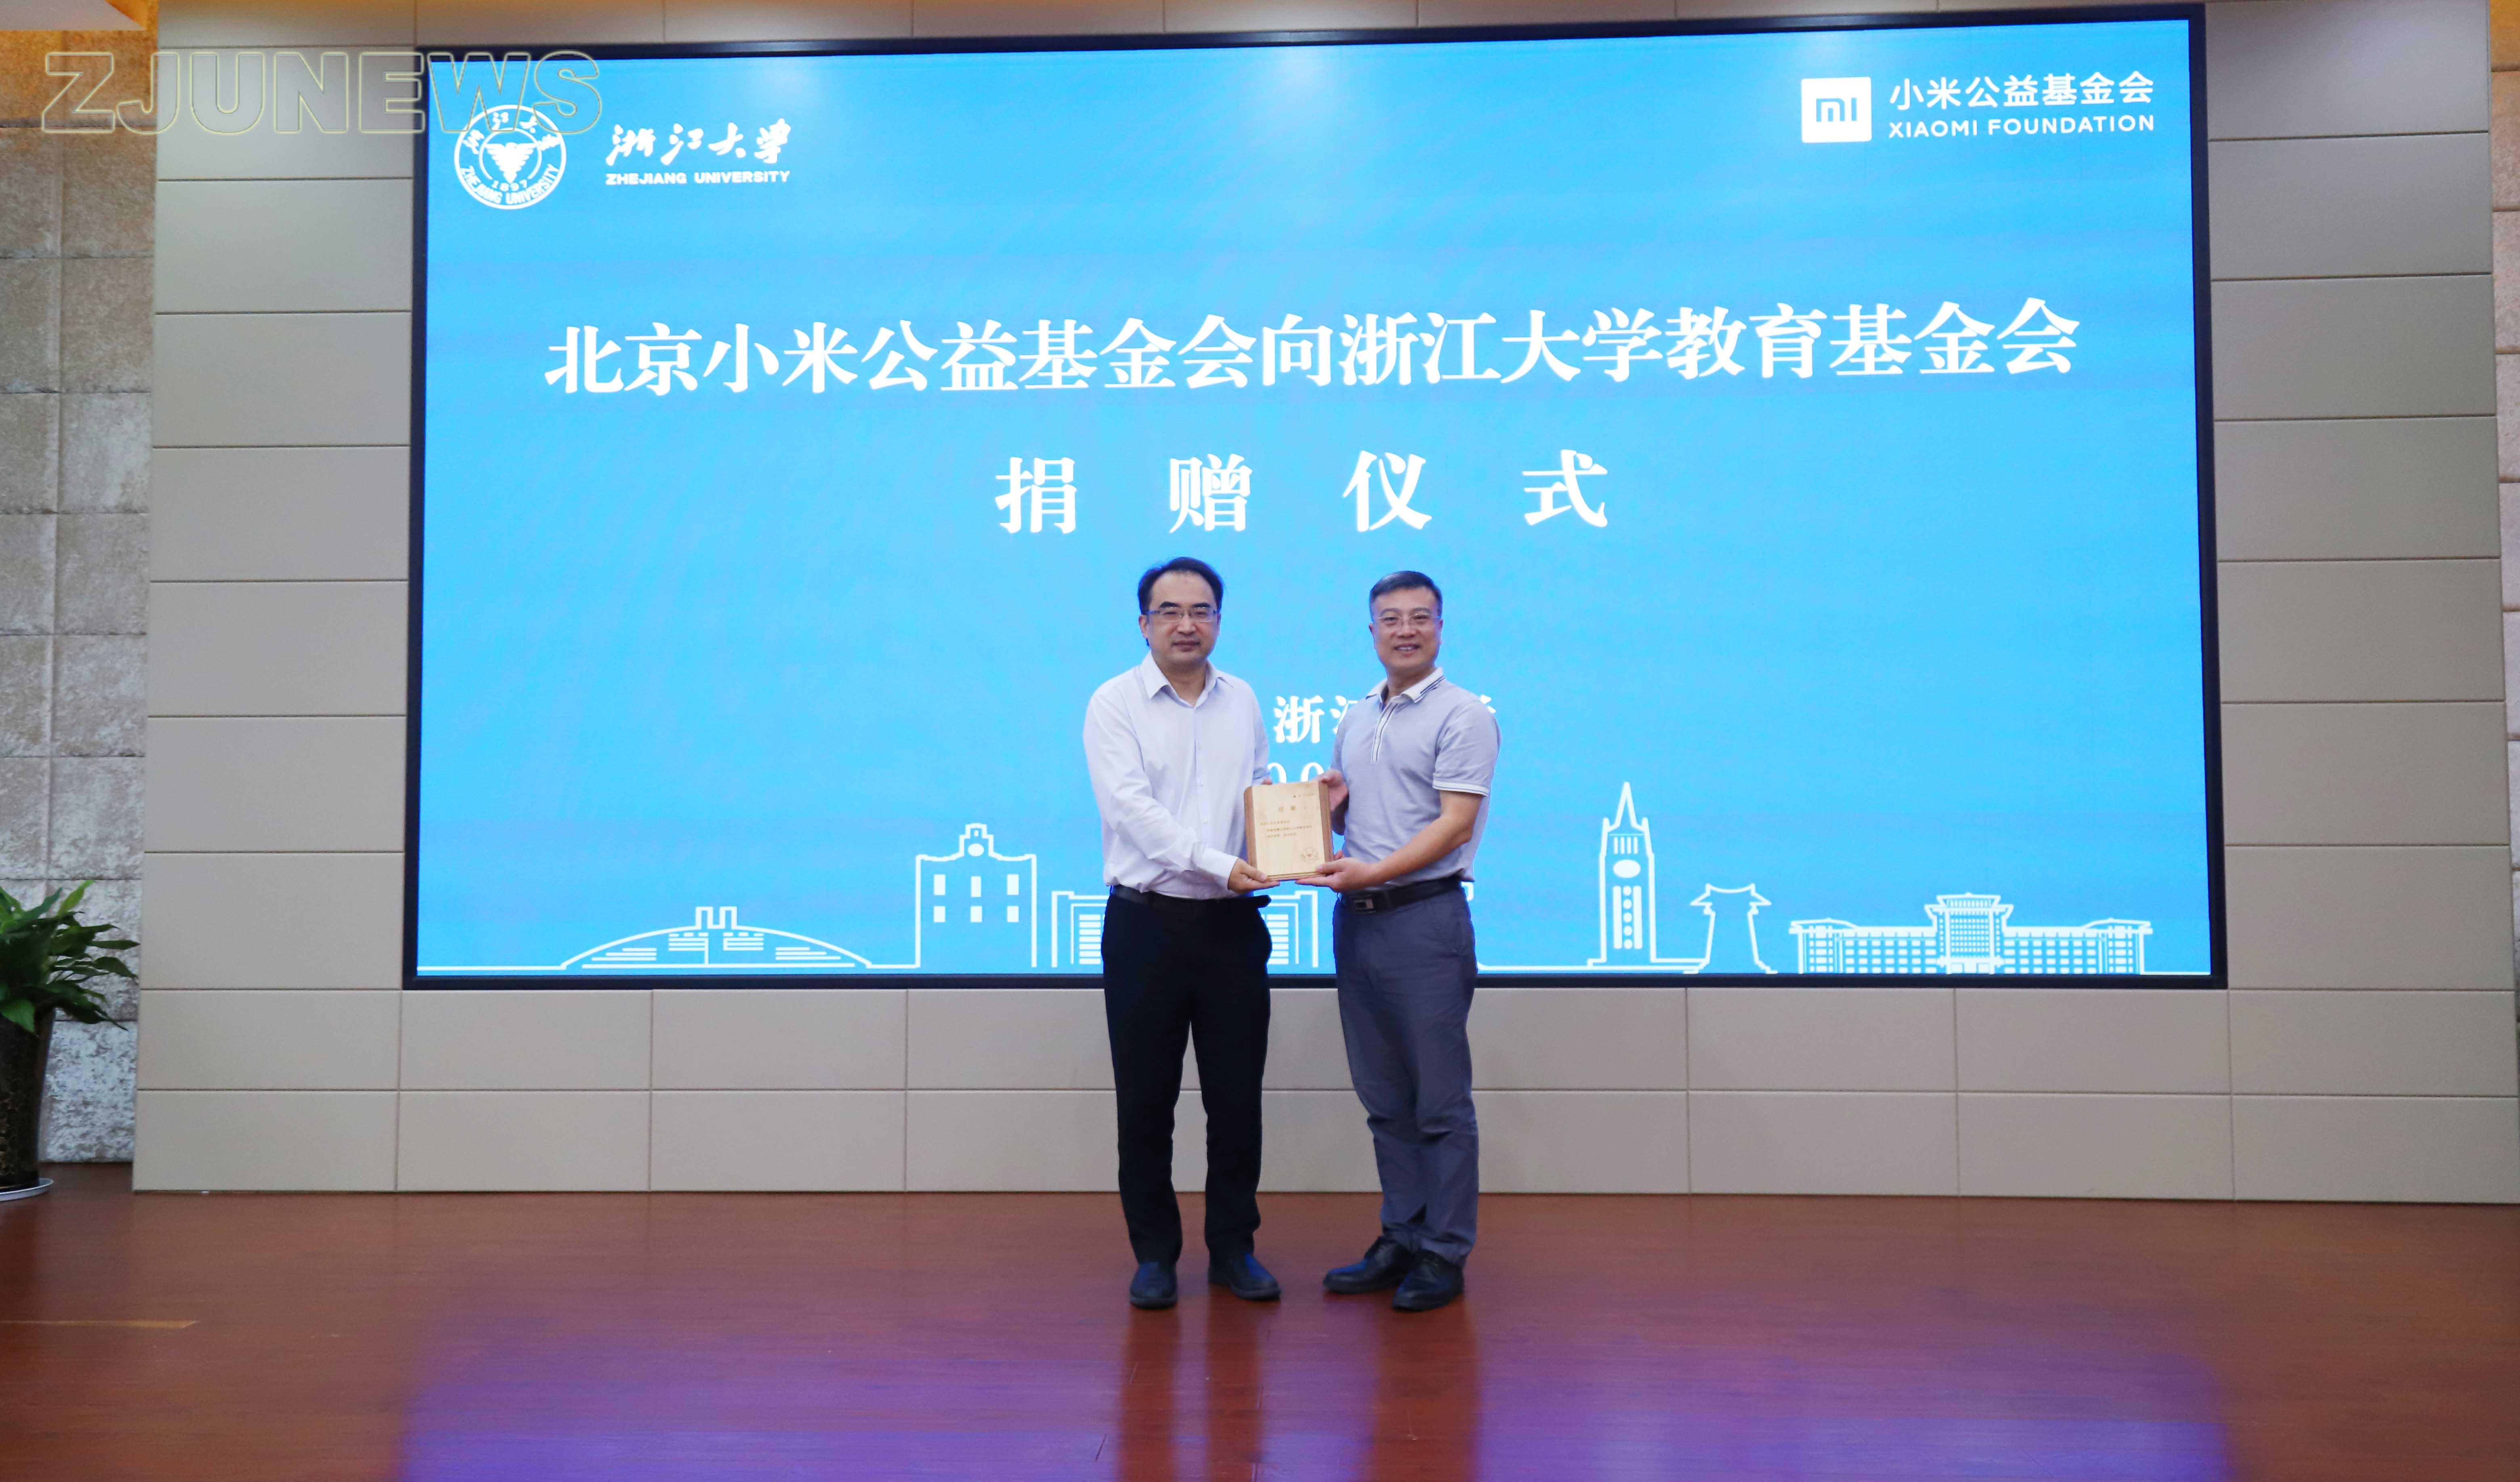 北京小米公益基金会向浙江大学教育基金会捐赠